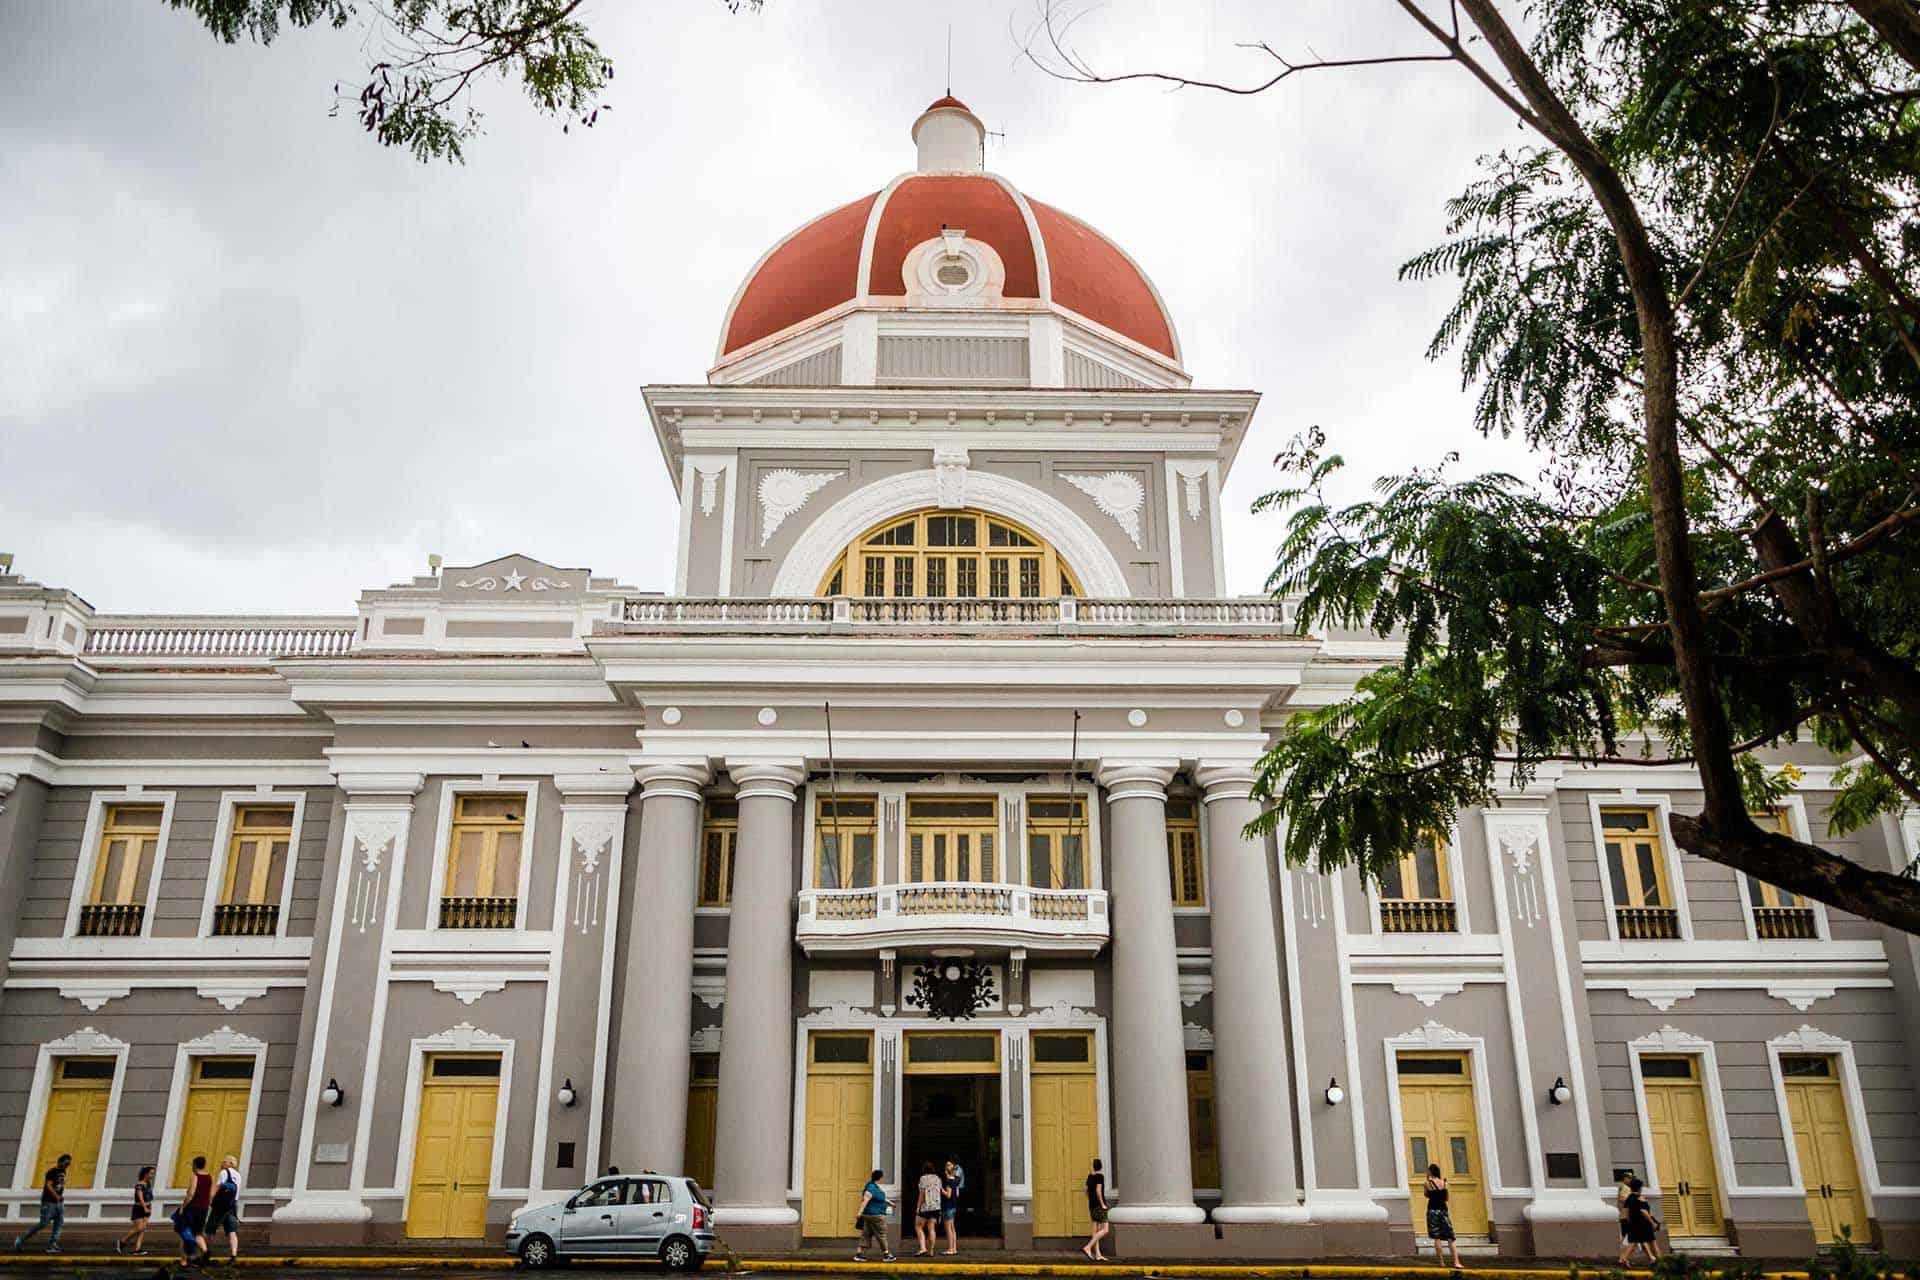 cienfuegos palace du gouvernement cuba autrement 2